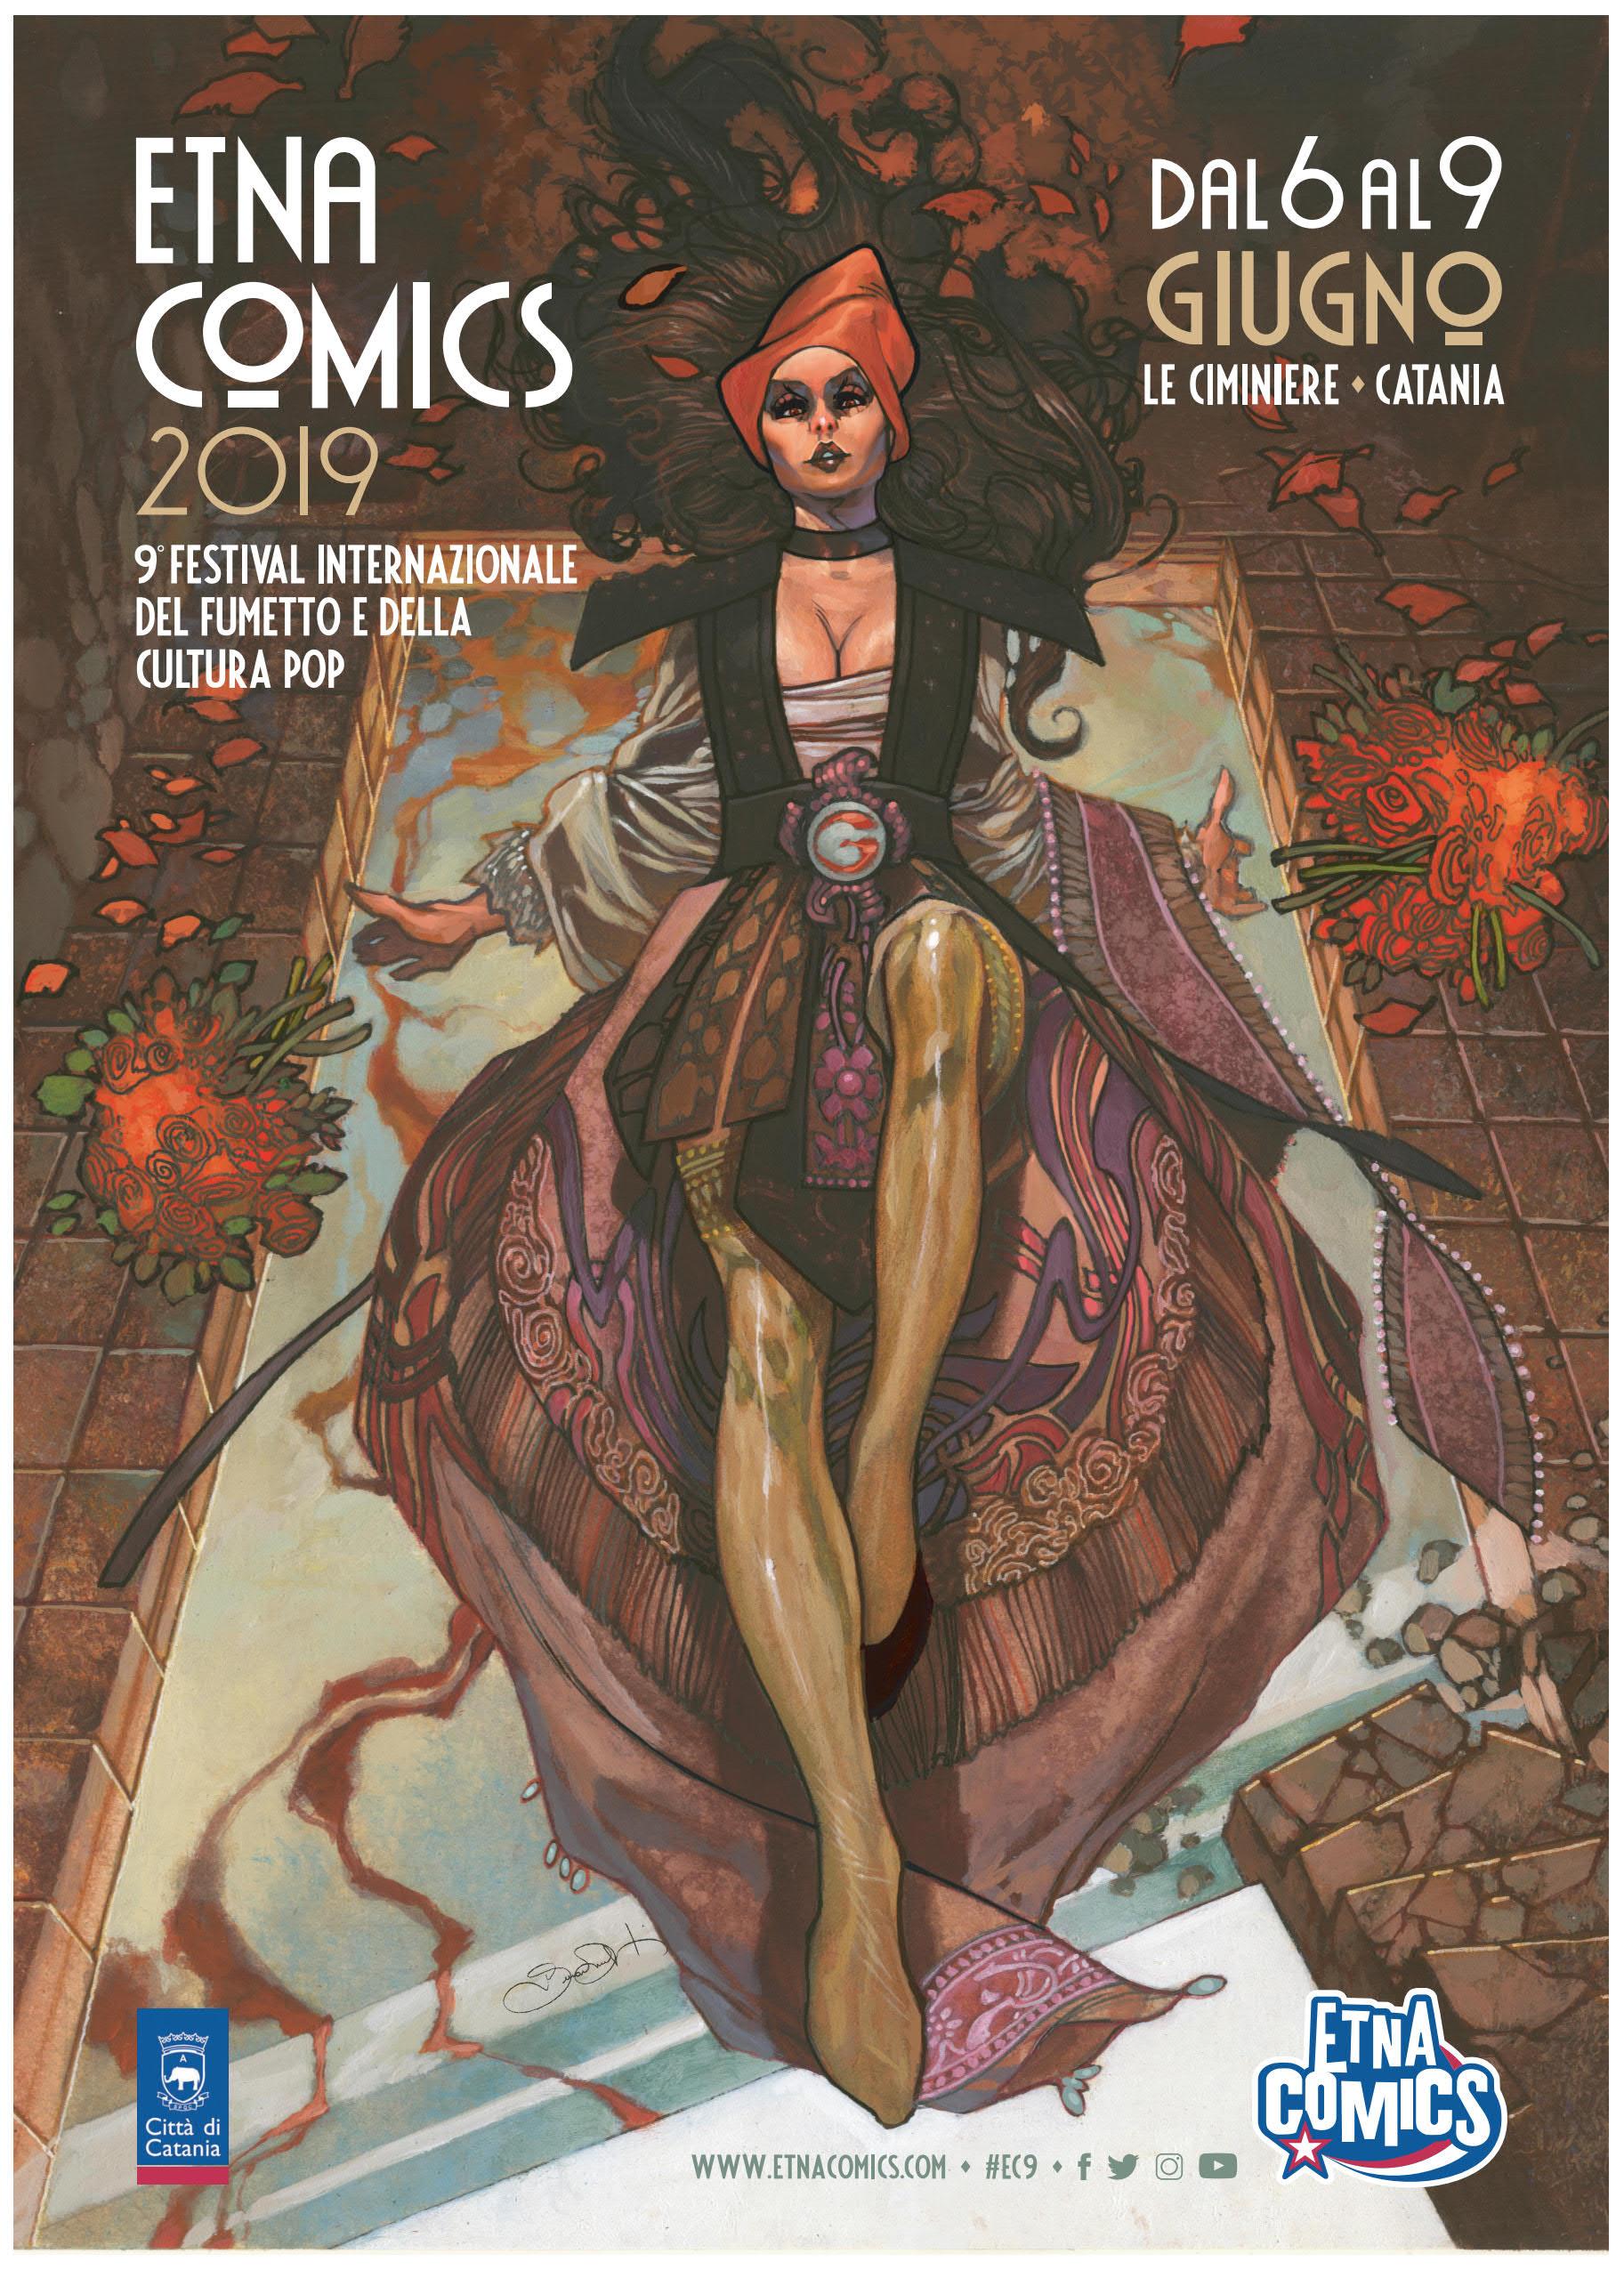 Etna comics record